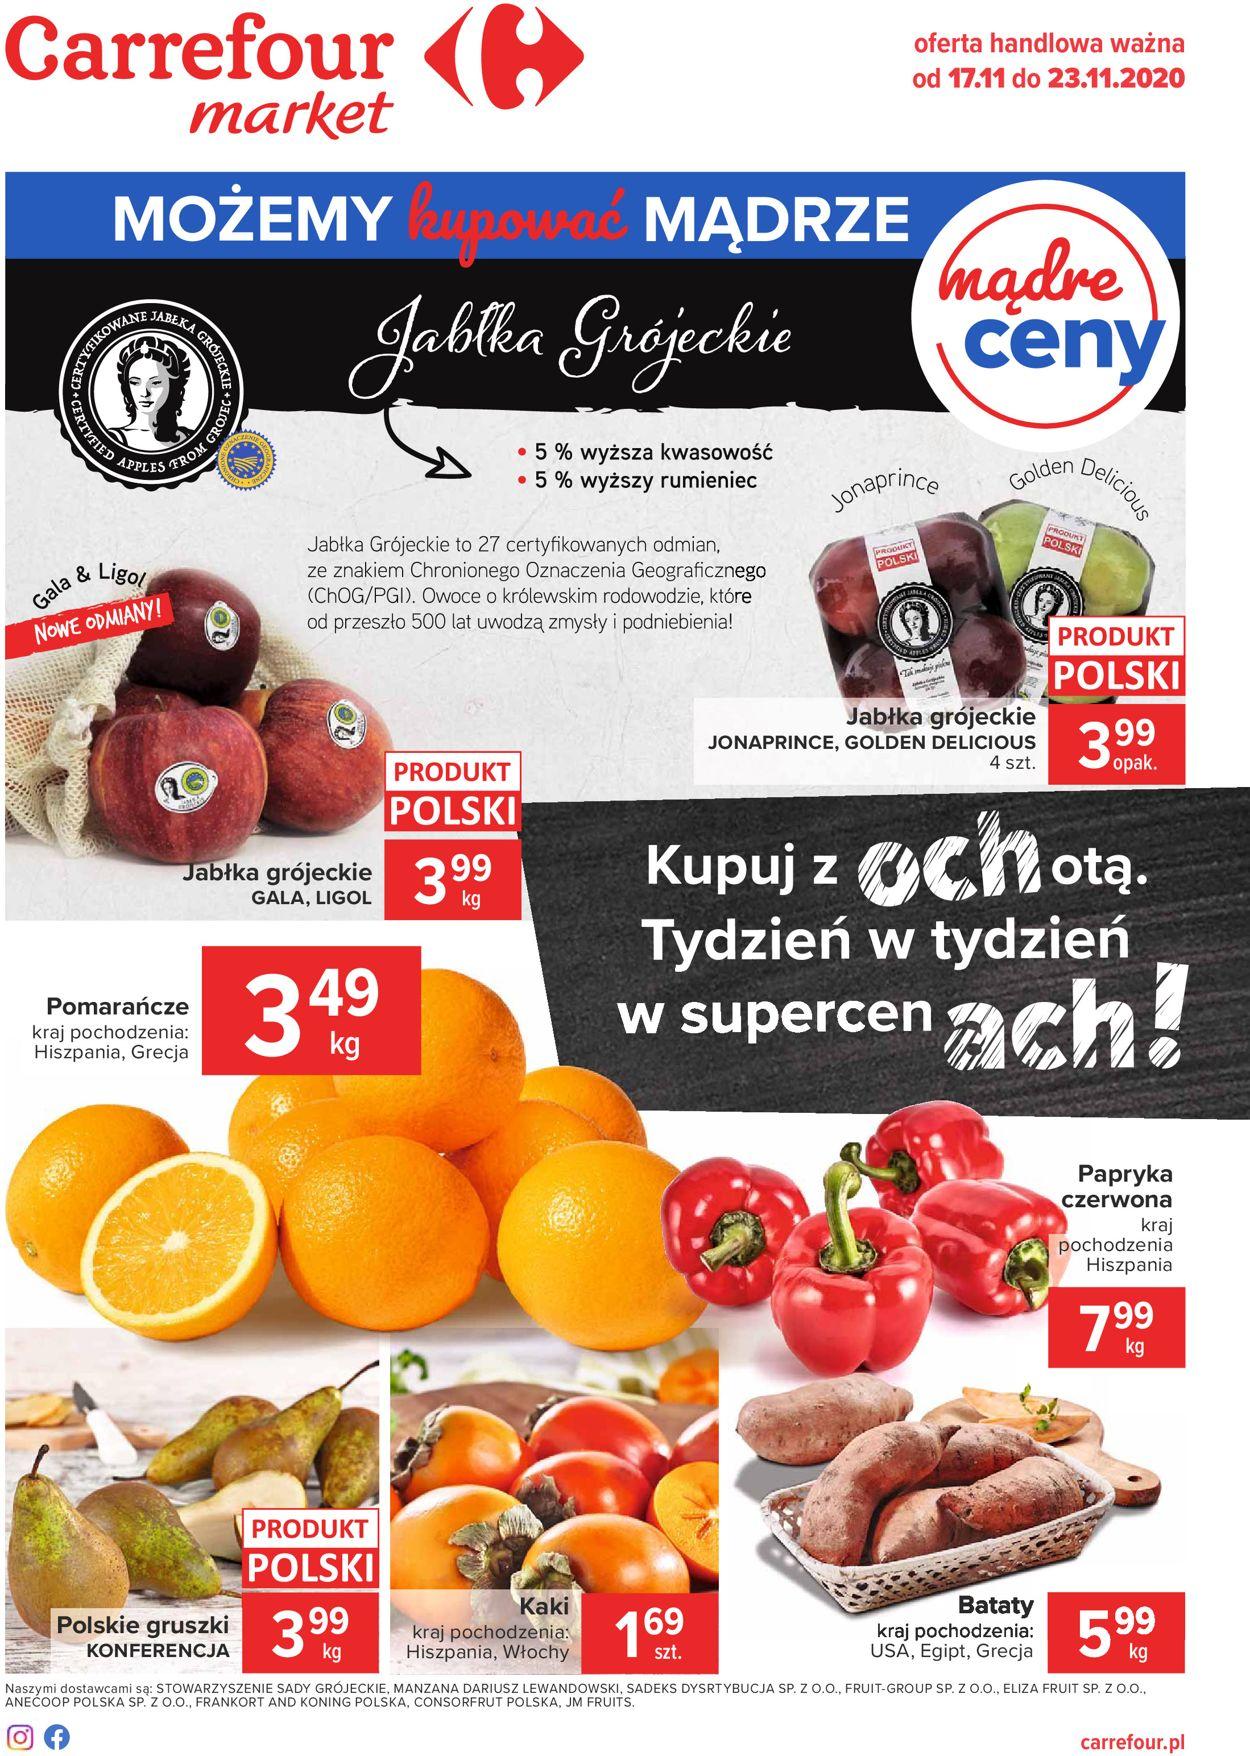 Gazetka promocyjna Carrefour - 17.11-23.11.2020